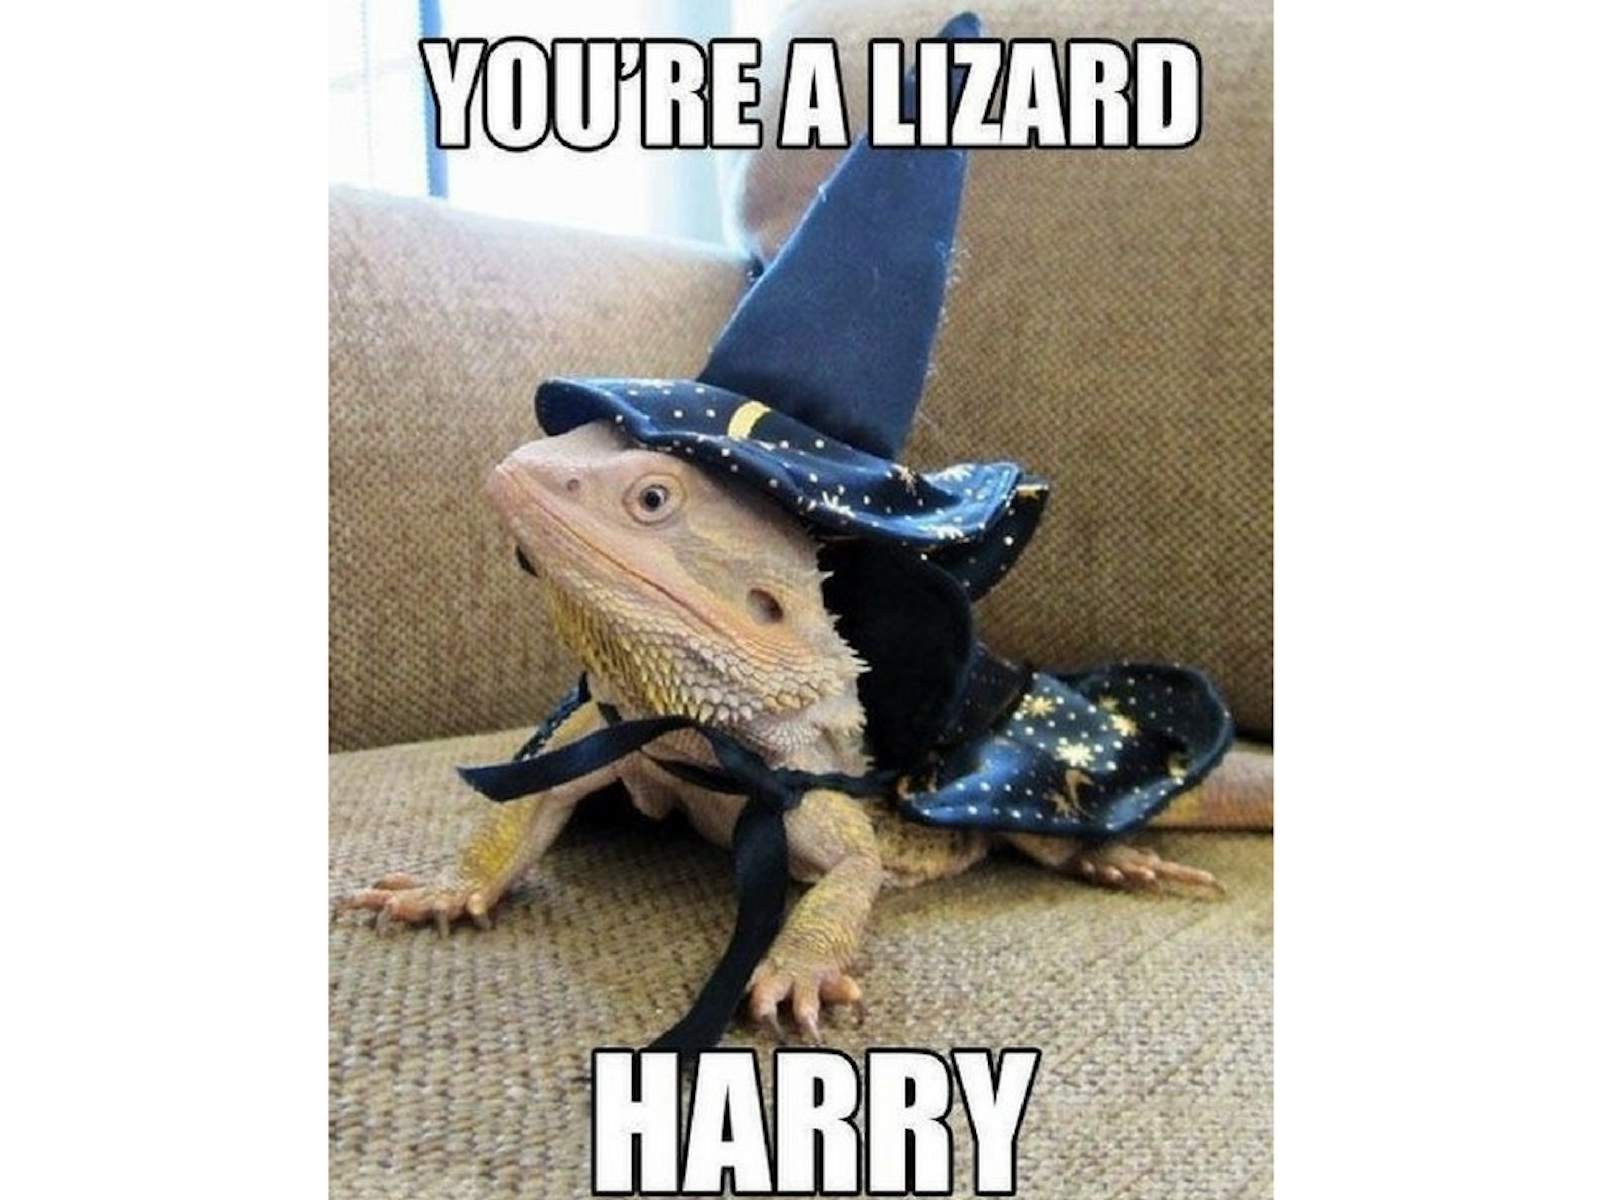 Lizard Meme